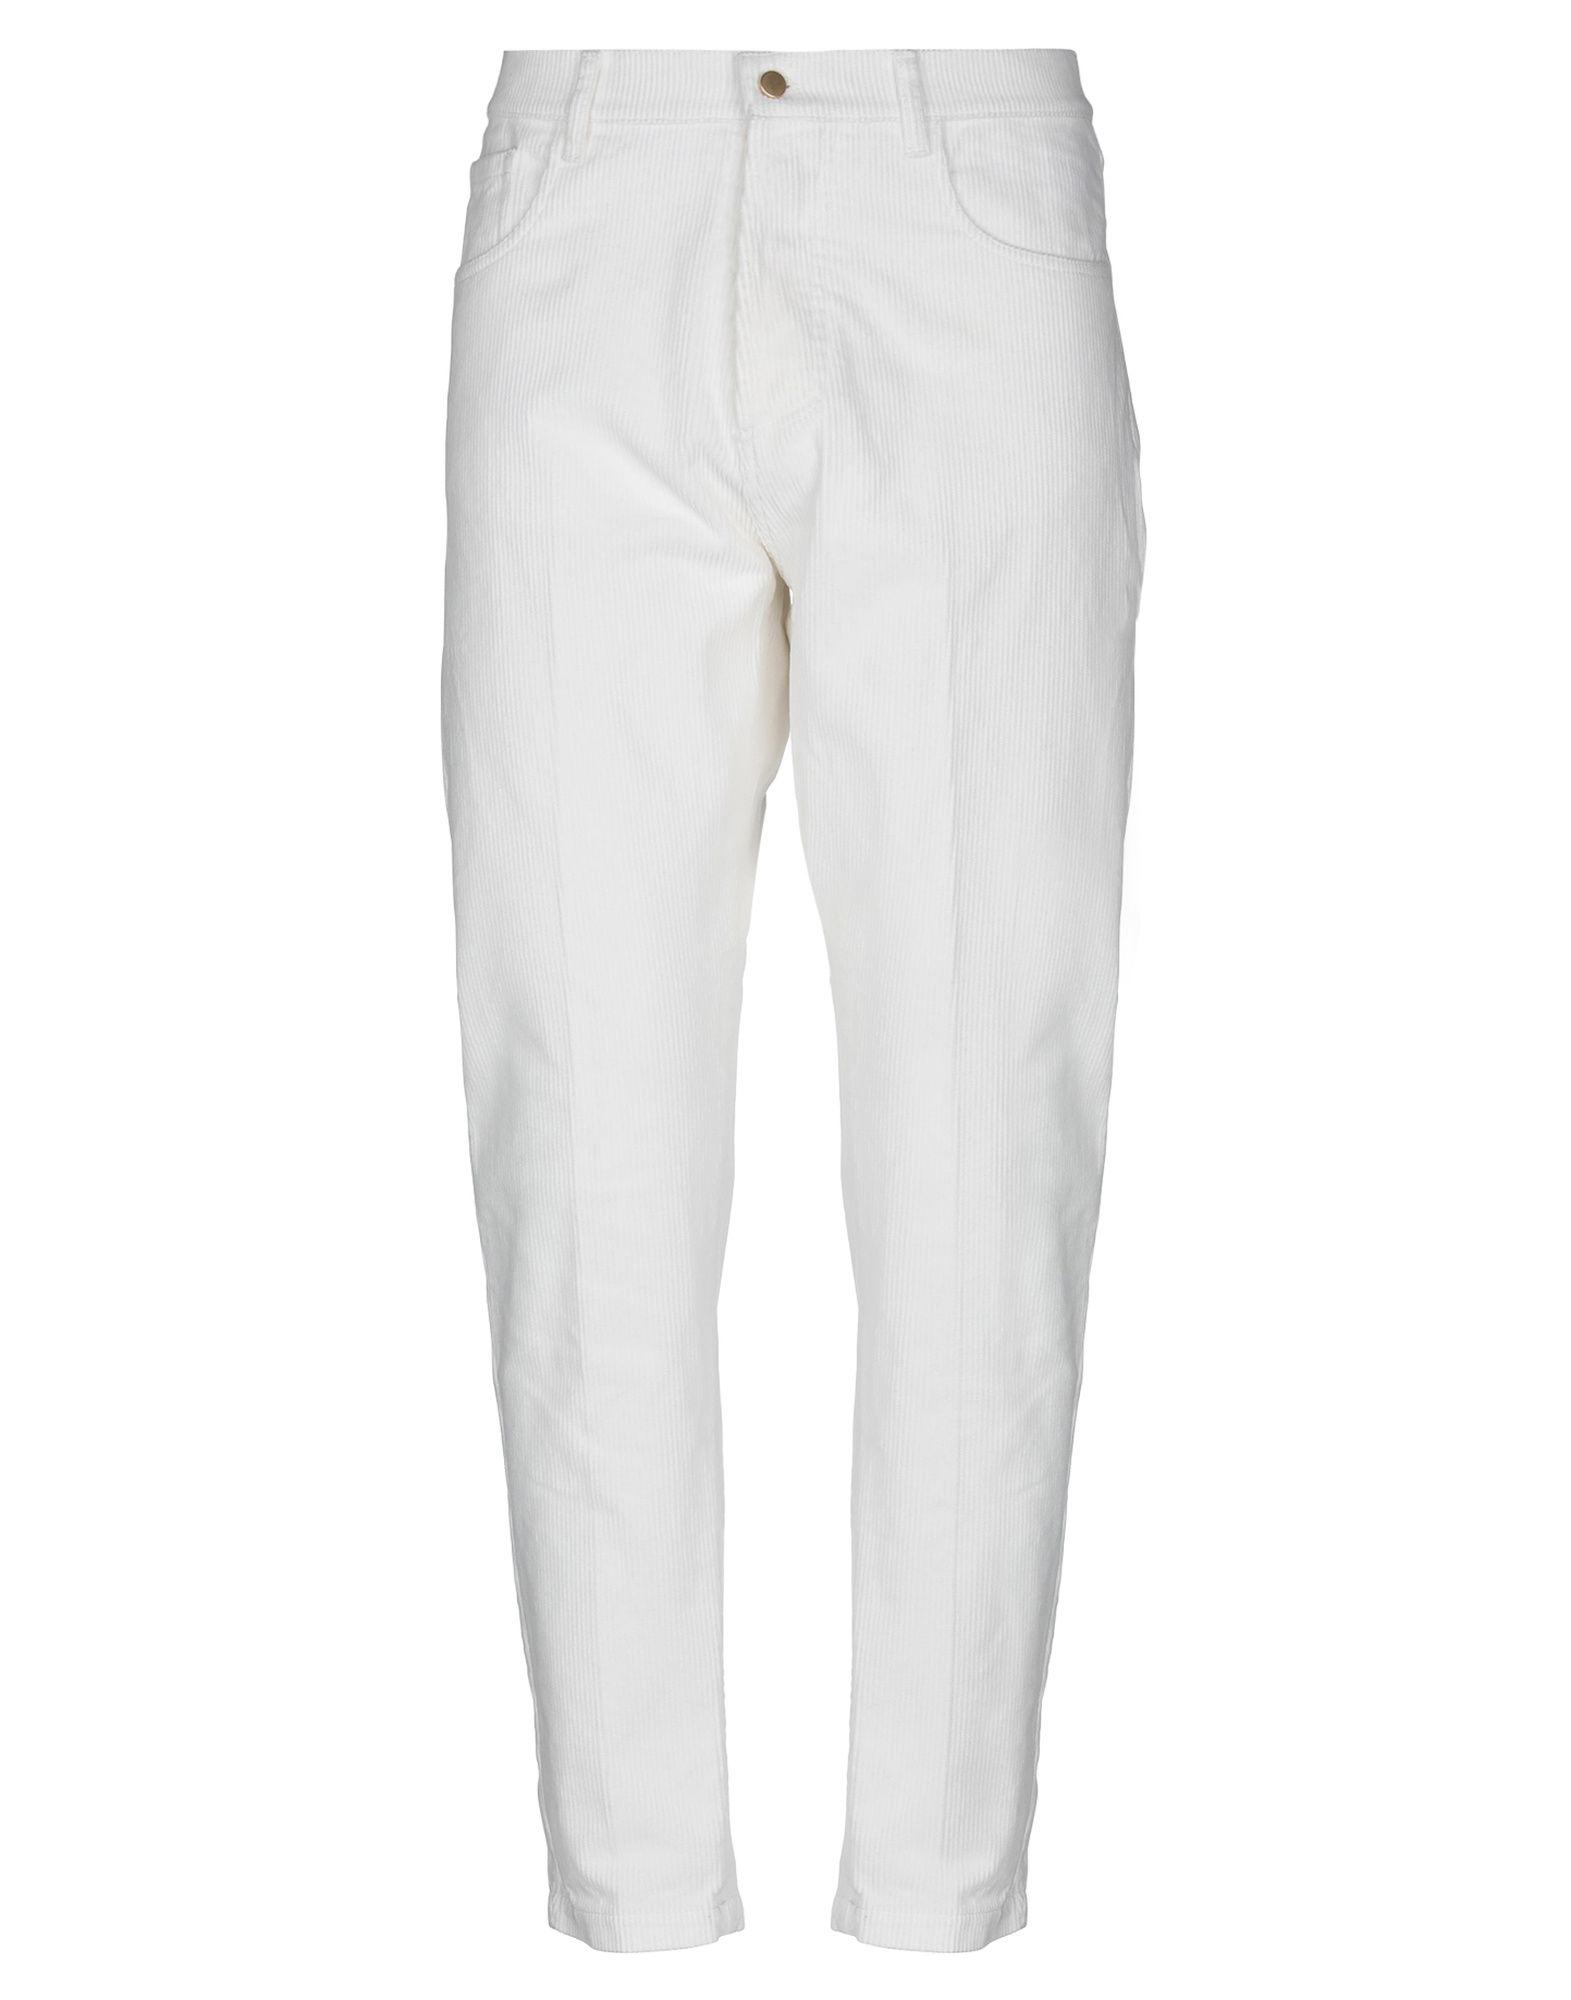 Pantalone Pantalone ..,Beaucoup uomo - 13317224NO  Großhandelspreis